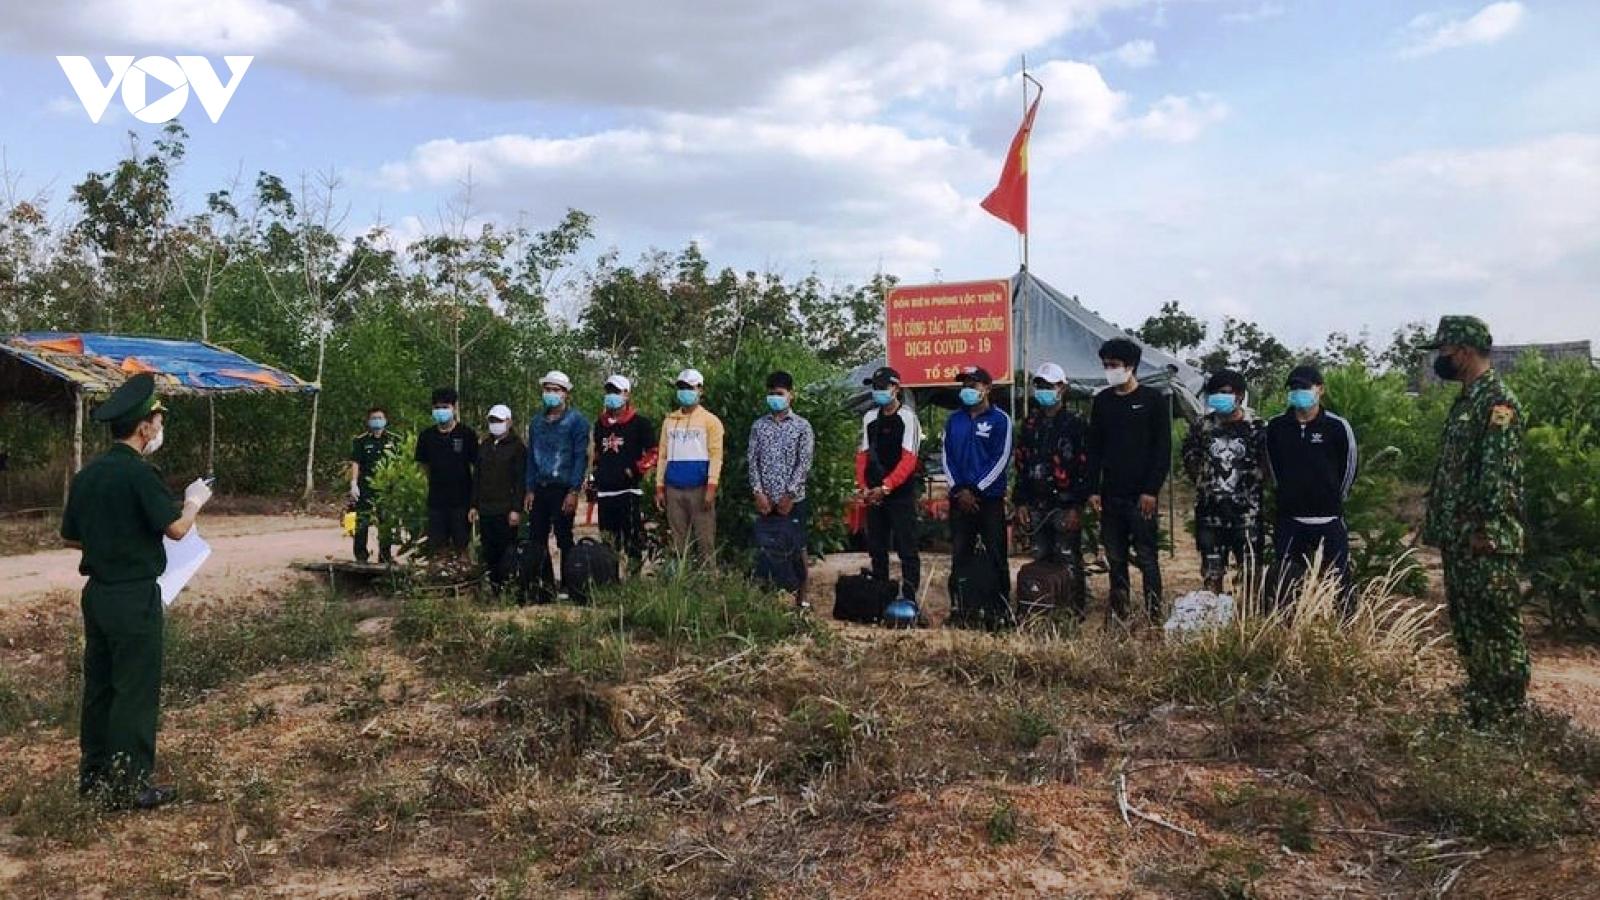 Bình Phước: Hơn 1 tháng bắt 190 đối tượng nhập cảnh trái phép